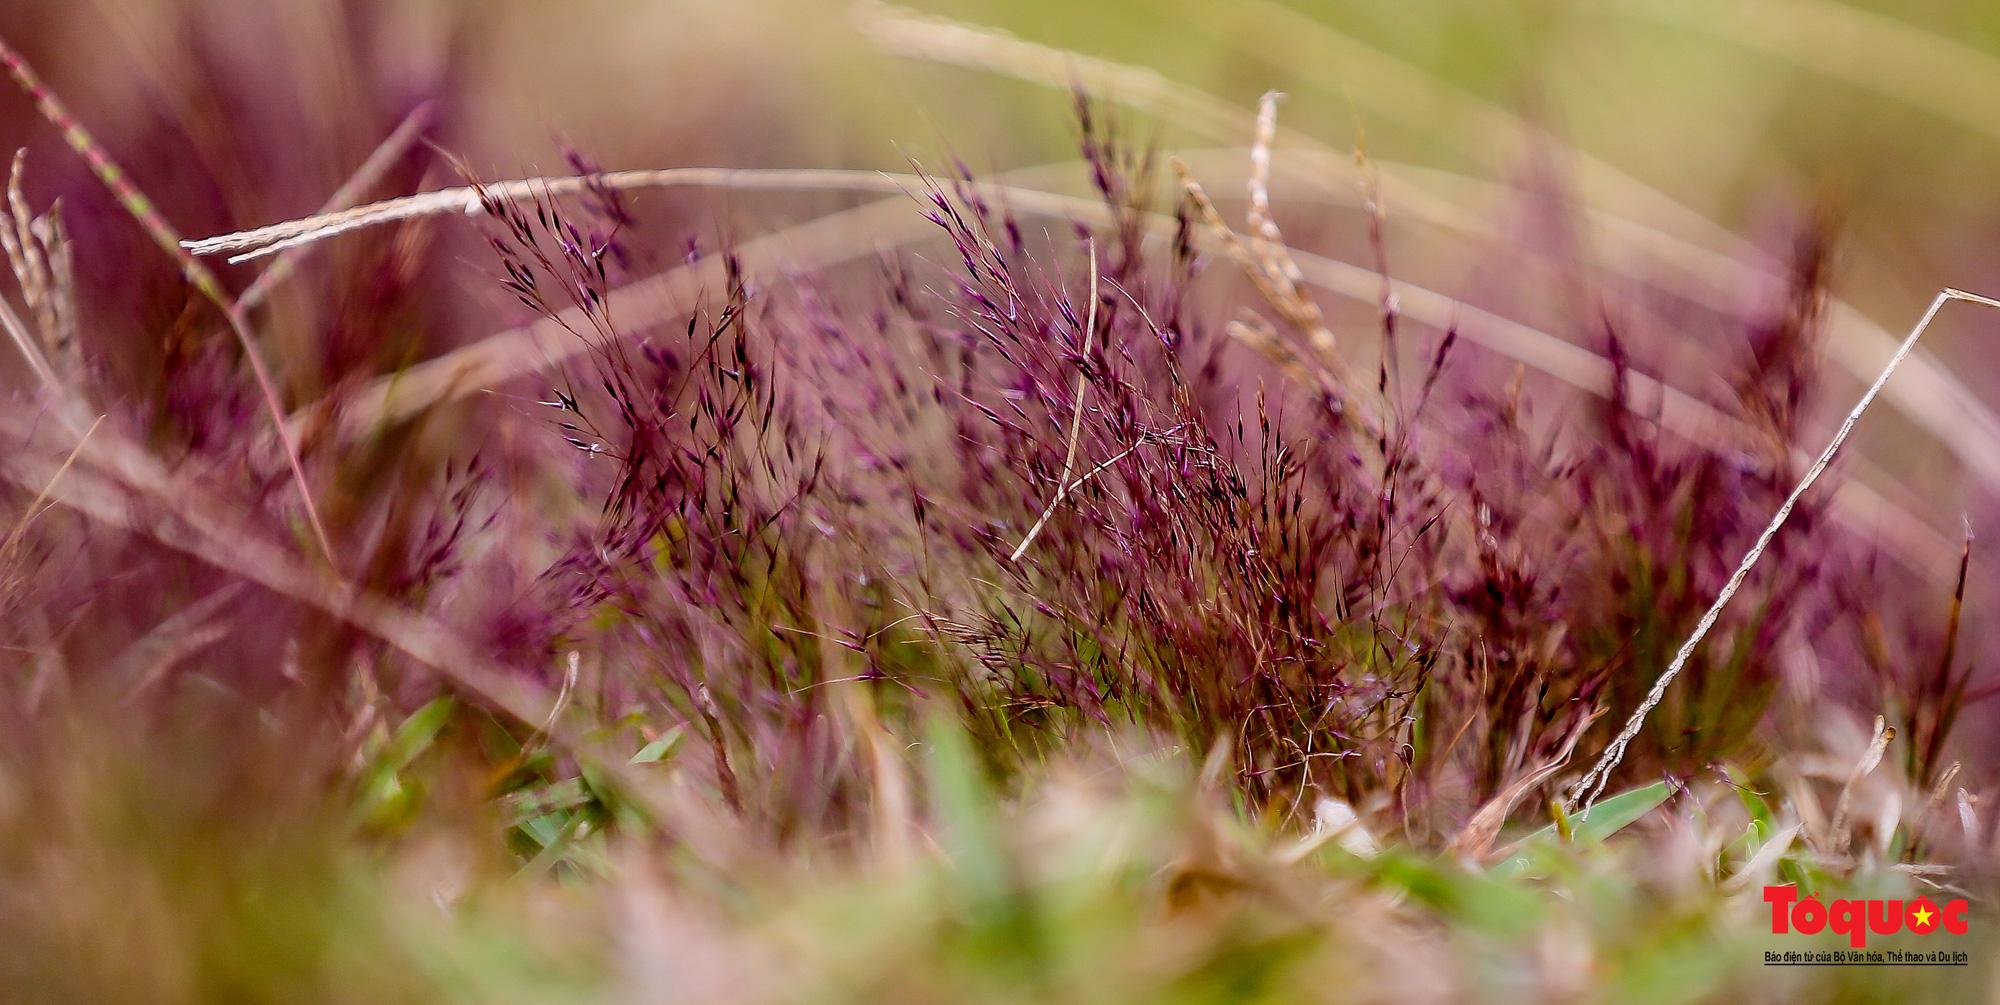 """Đồi cỏ hồng ở Đà Lạt đẹp như tranh sẽ khiến khách du lịch """"mê mẩn"""" - Ảnh 11."""